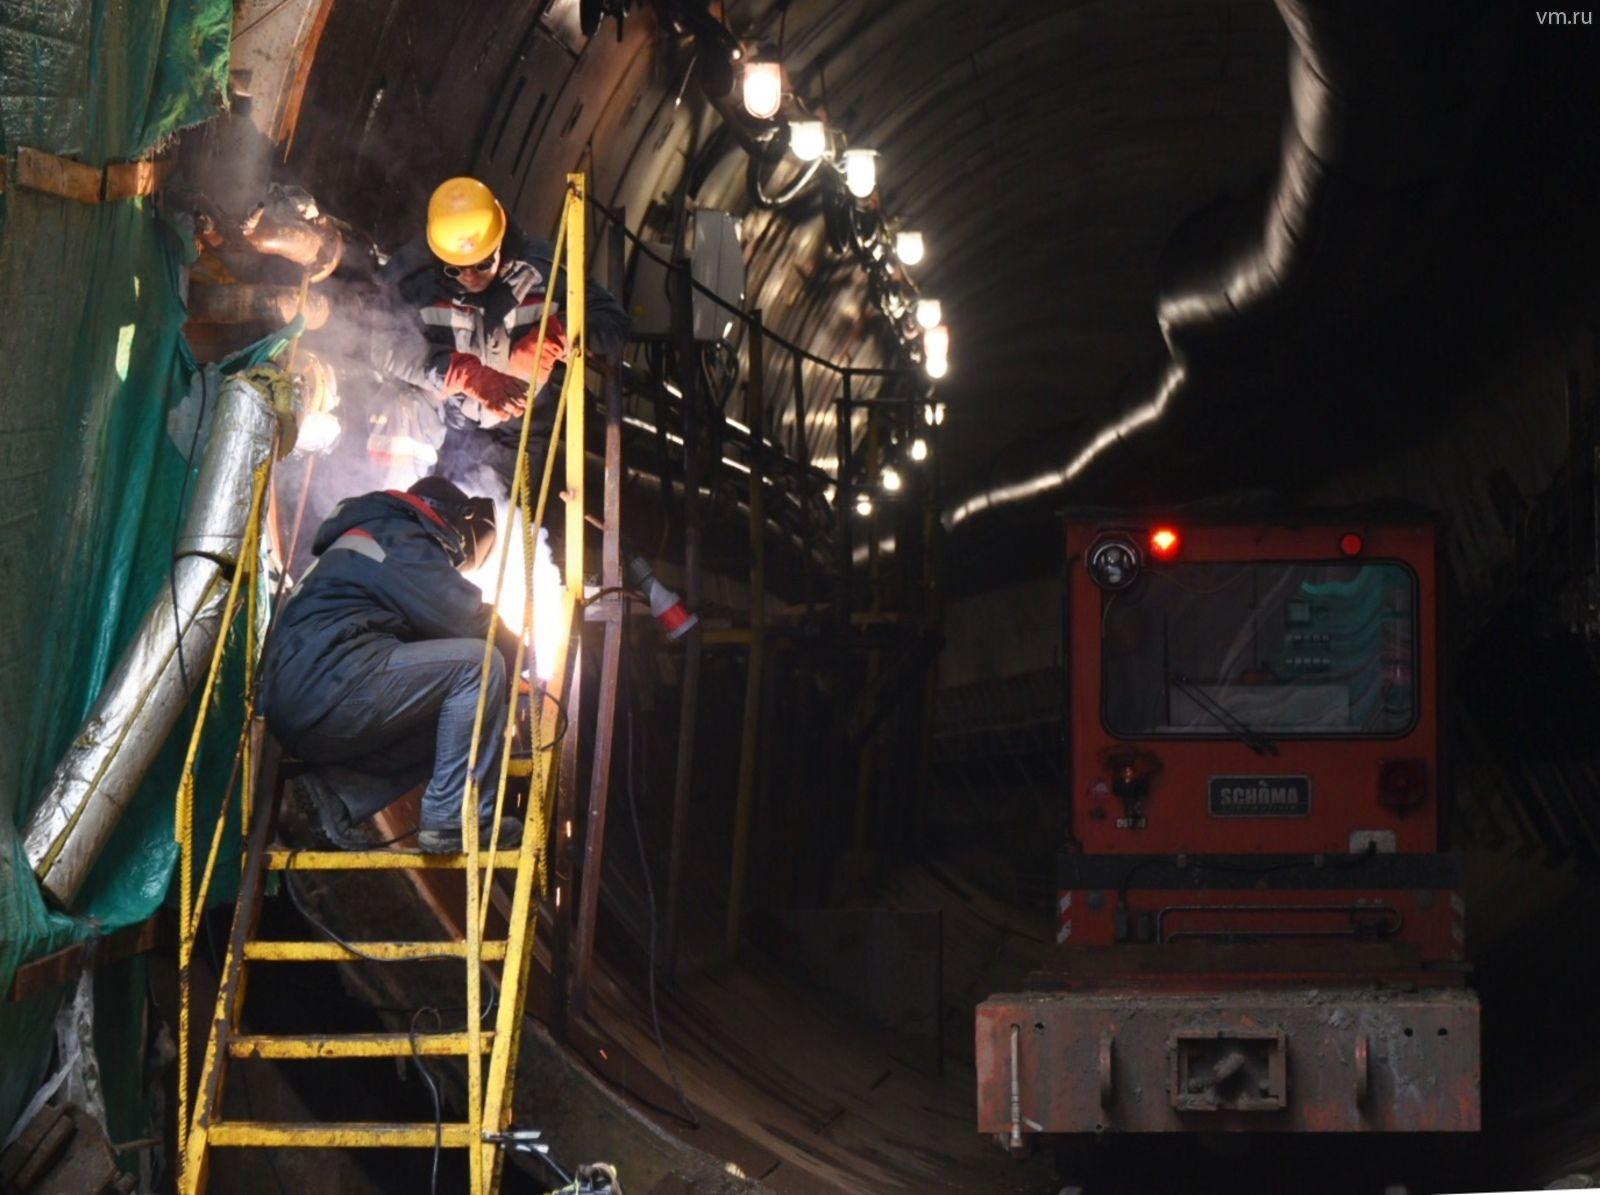 Кожуховский тоннель планируют отремонтировать к концу августа